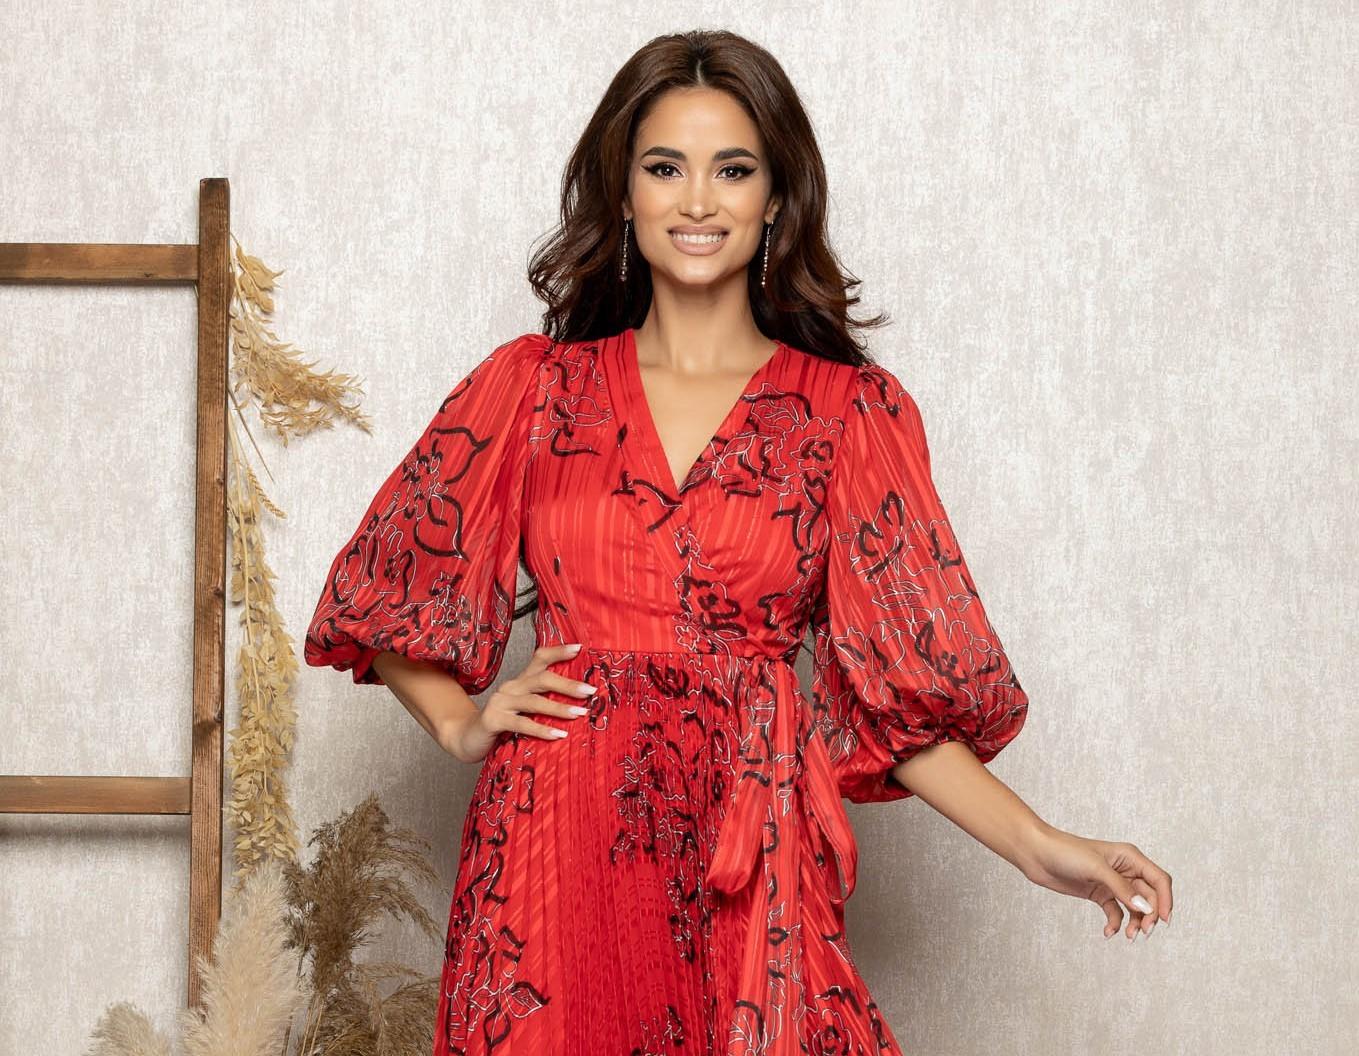 Κόκκινο Φόρεμα   Red Dress 1